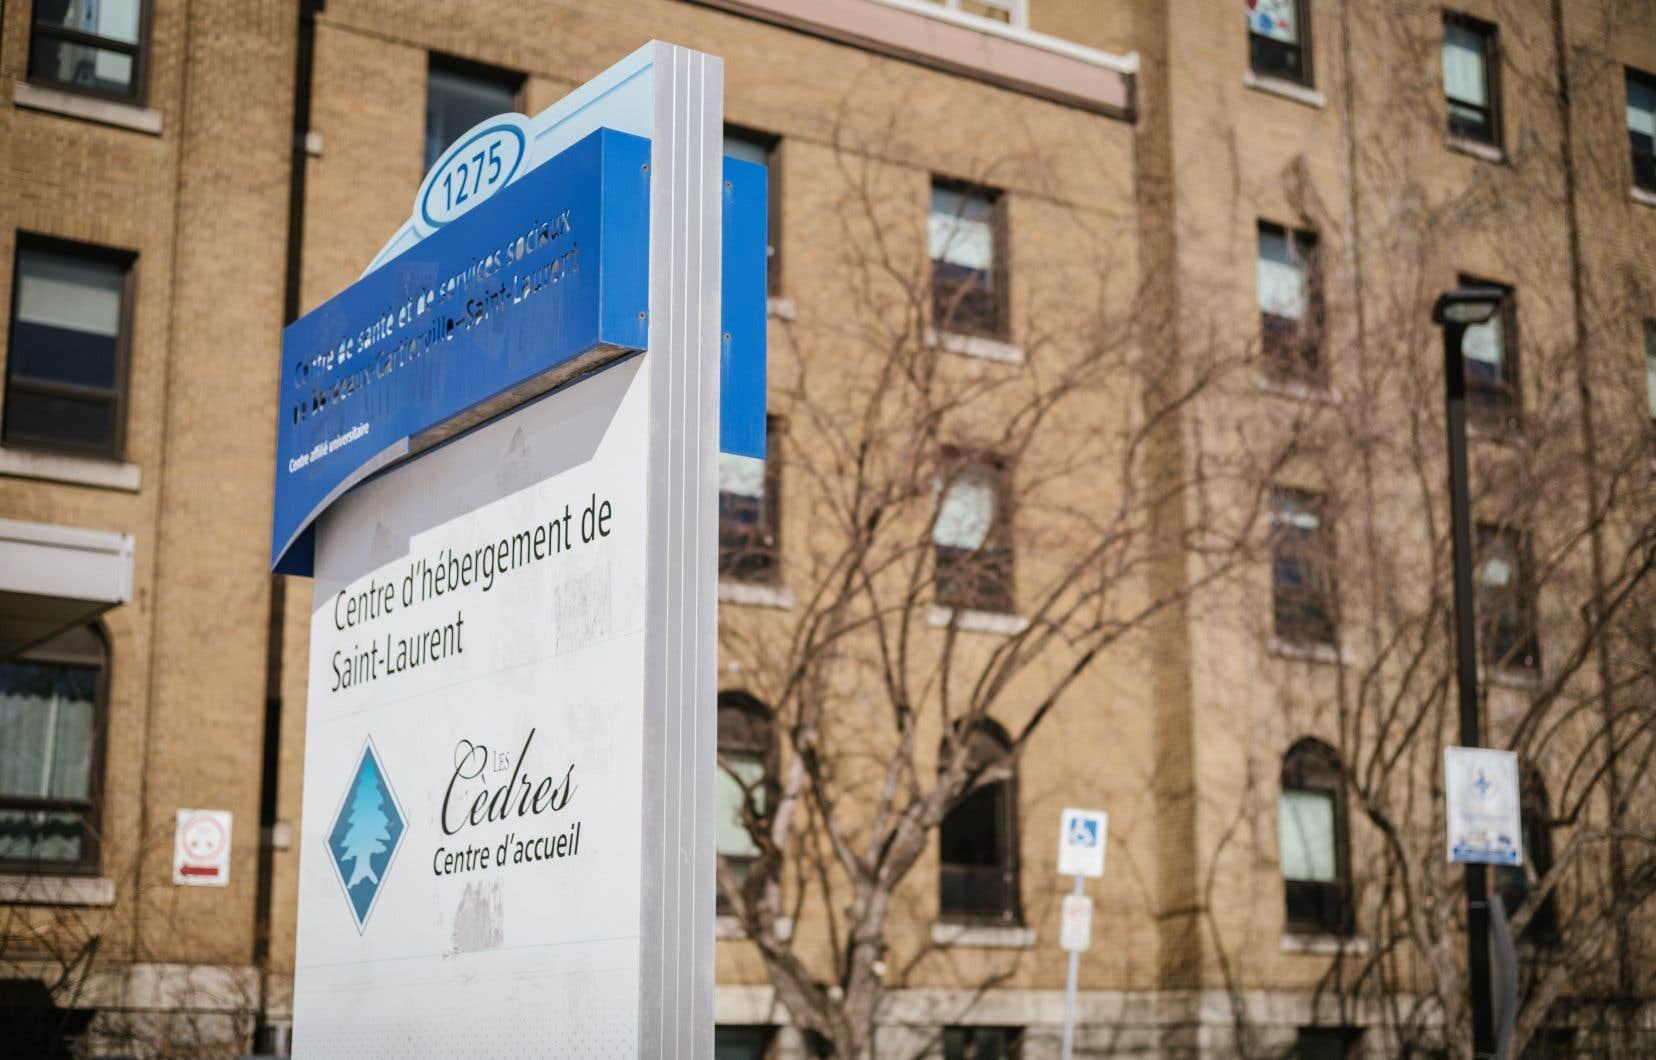 Une enquête du «Devoir» publiée vendredi a révélé que des résidents de l'unité psychiatrique du CHSLD Saint-Laurent avaient été enfermés pendant des mois dans leurs chambres et privés de douche pendant des semaines.